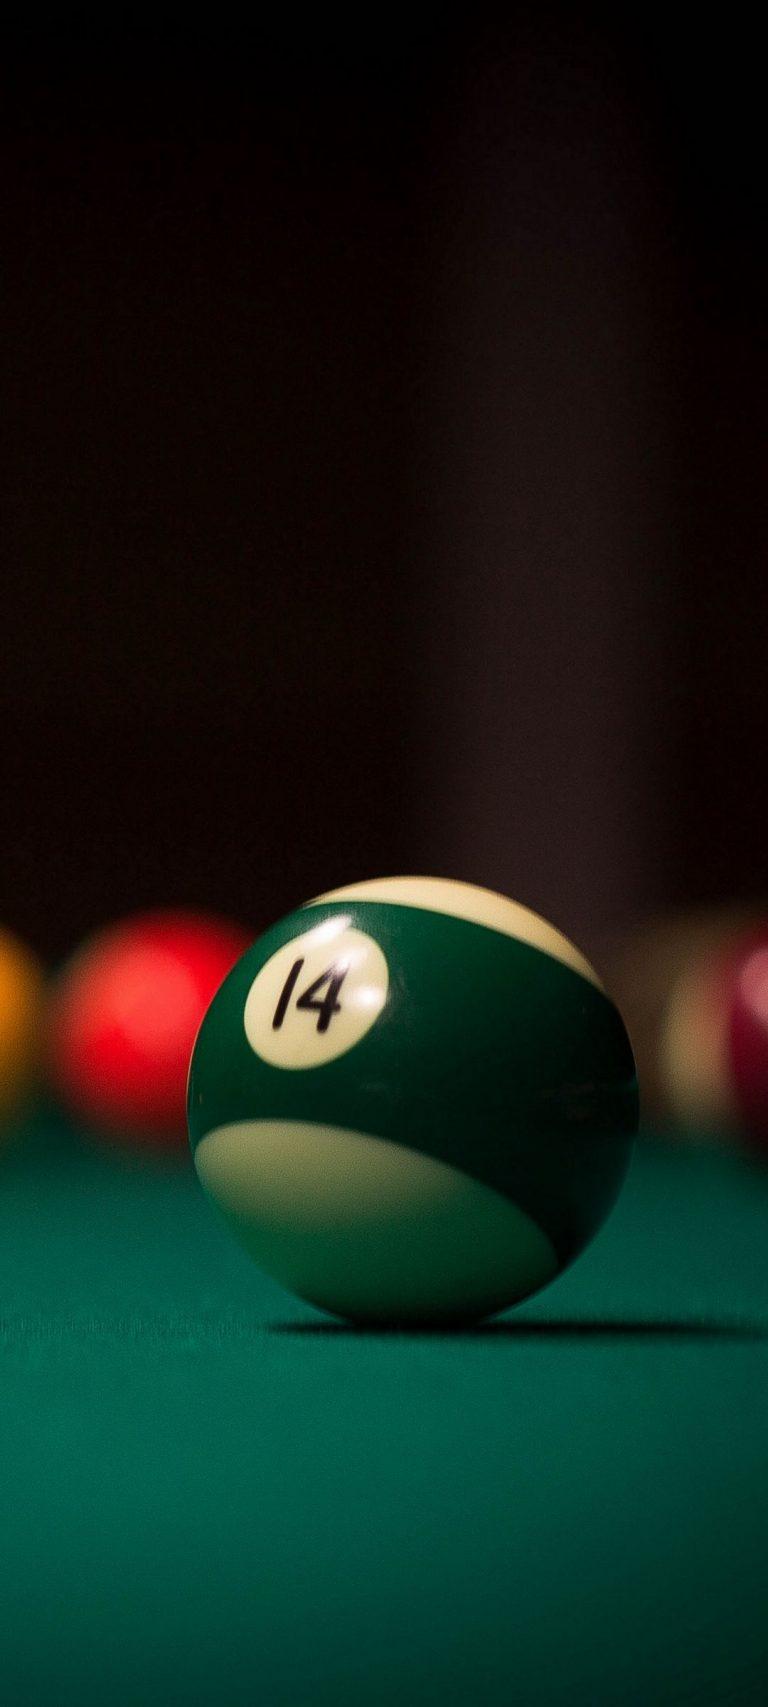 Billiards Ball Cue 1080x2400 768x1707